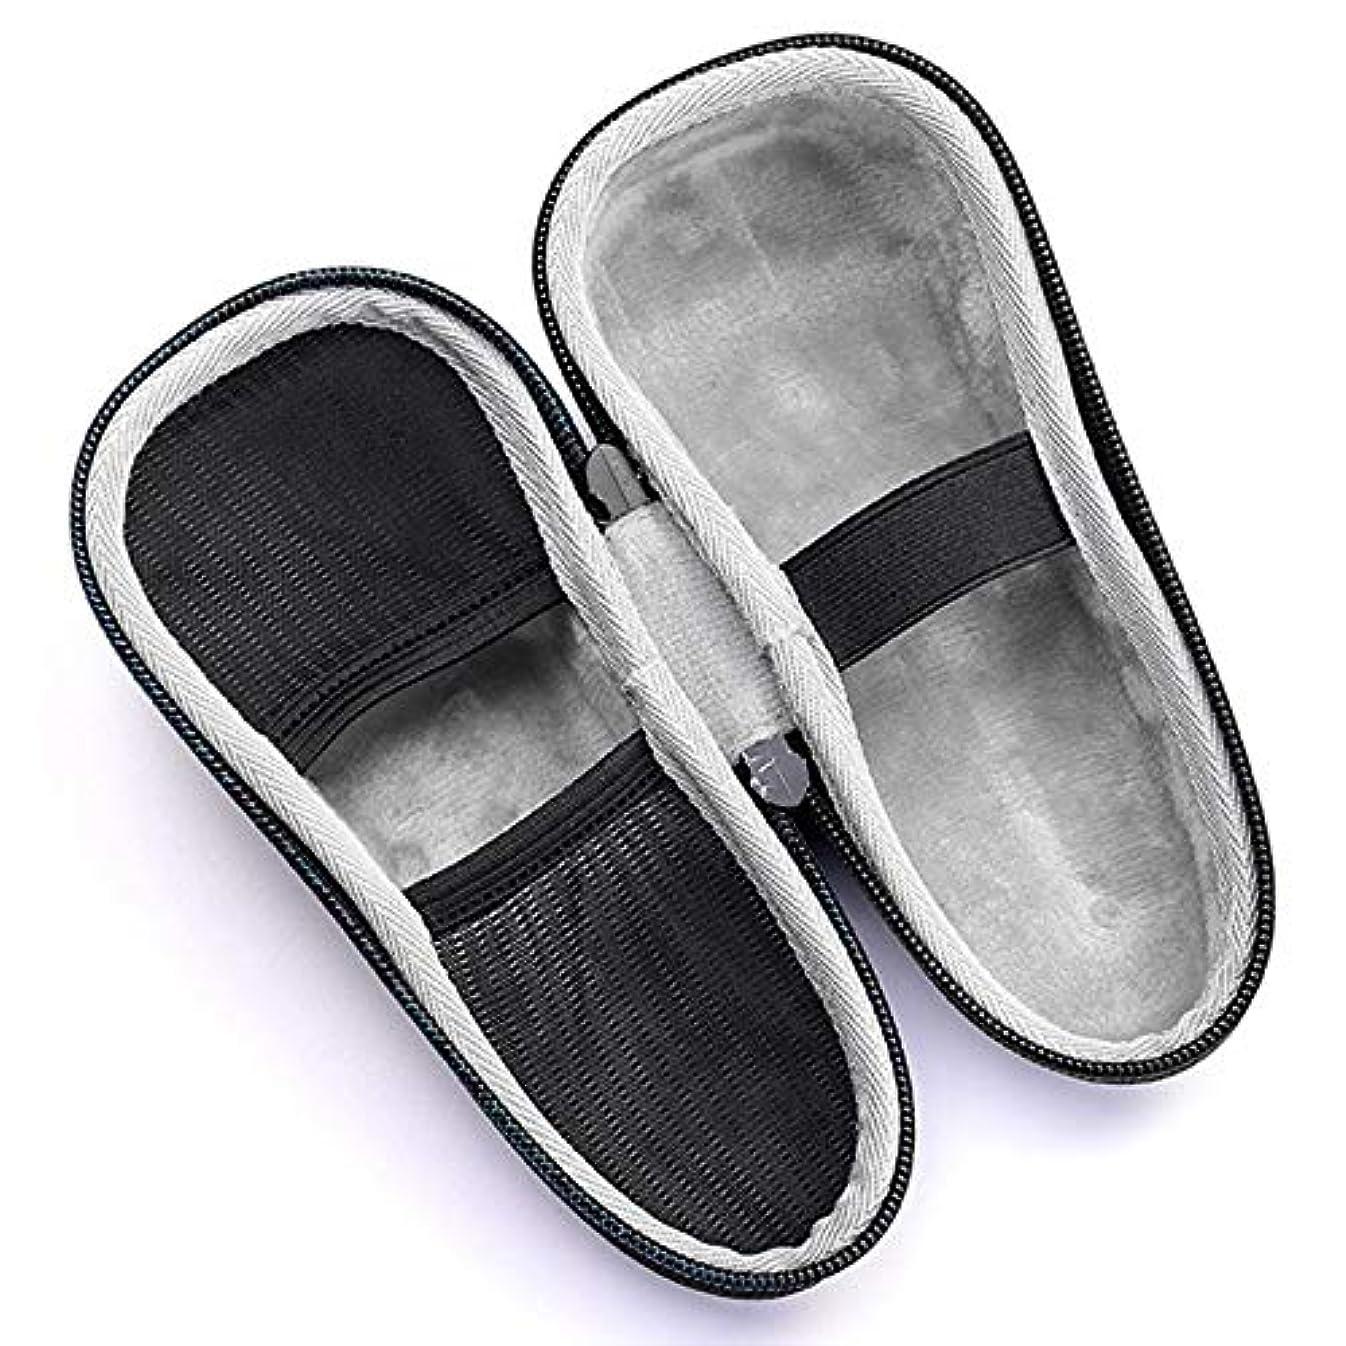 空隠す不良TOOGOO 髭剃り用収納バッグ、Philips電気シェーバー用、かみそりのバッグ、Philipsシェーバー用旅行ケース、シェービングマシンの収納ケース、バッグ